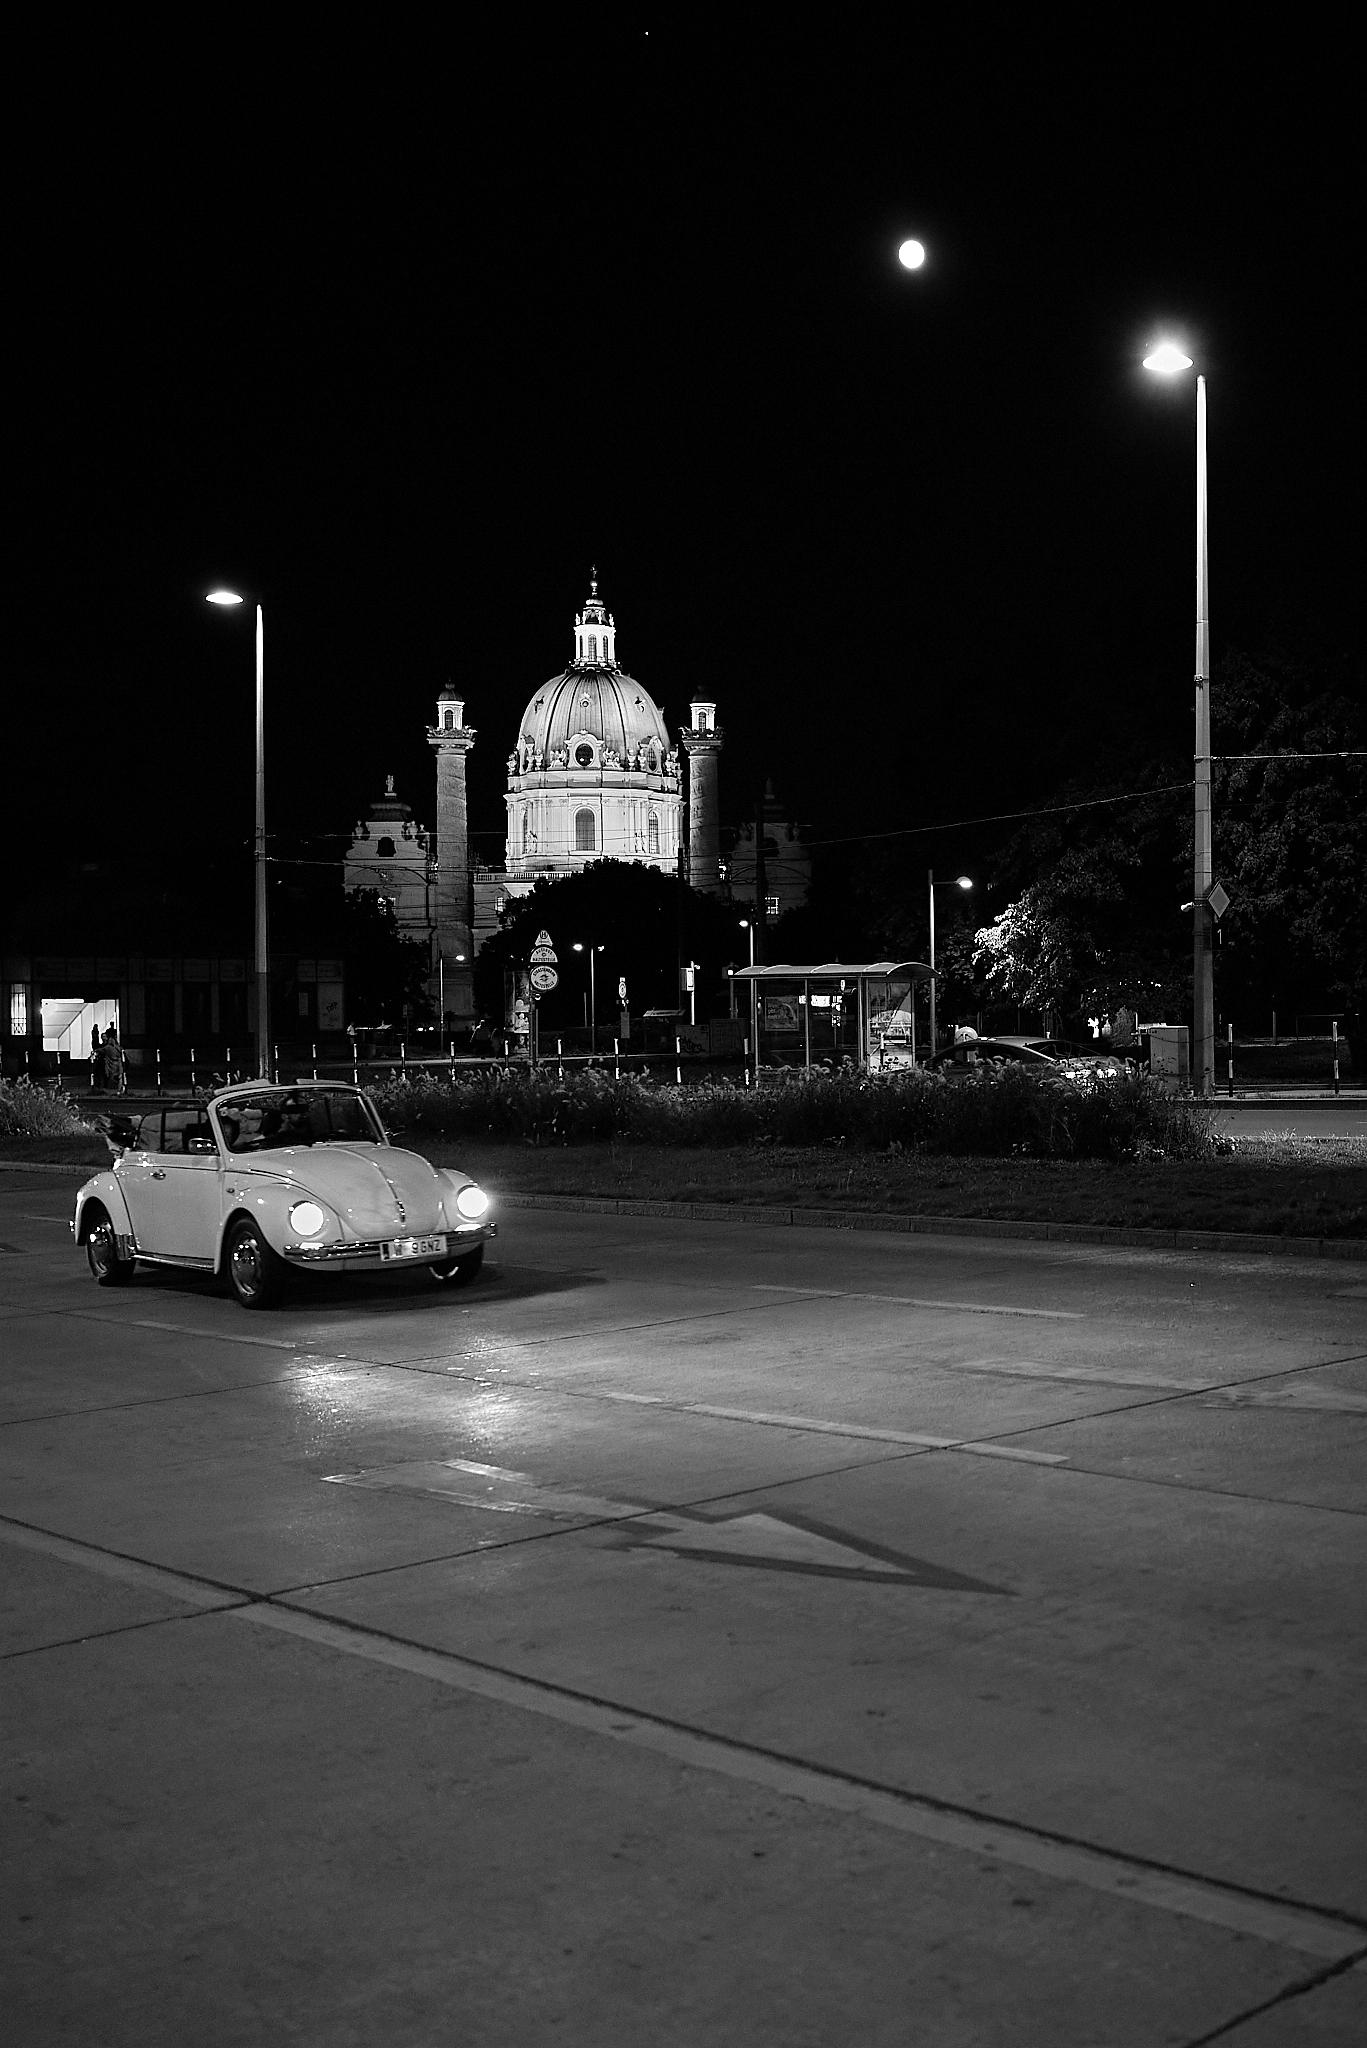 VW Beetle, Karlskirche, Full Moon, and Jupiter